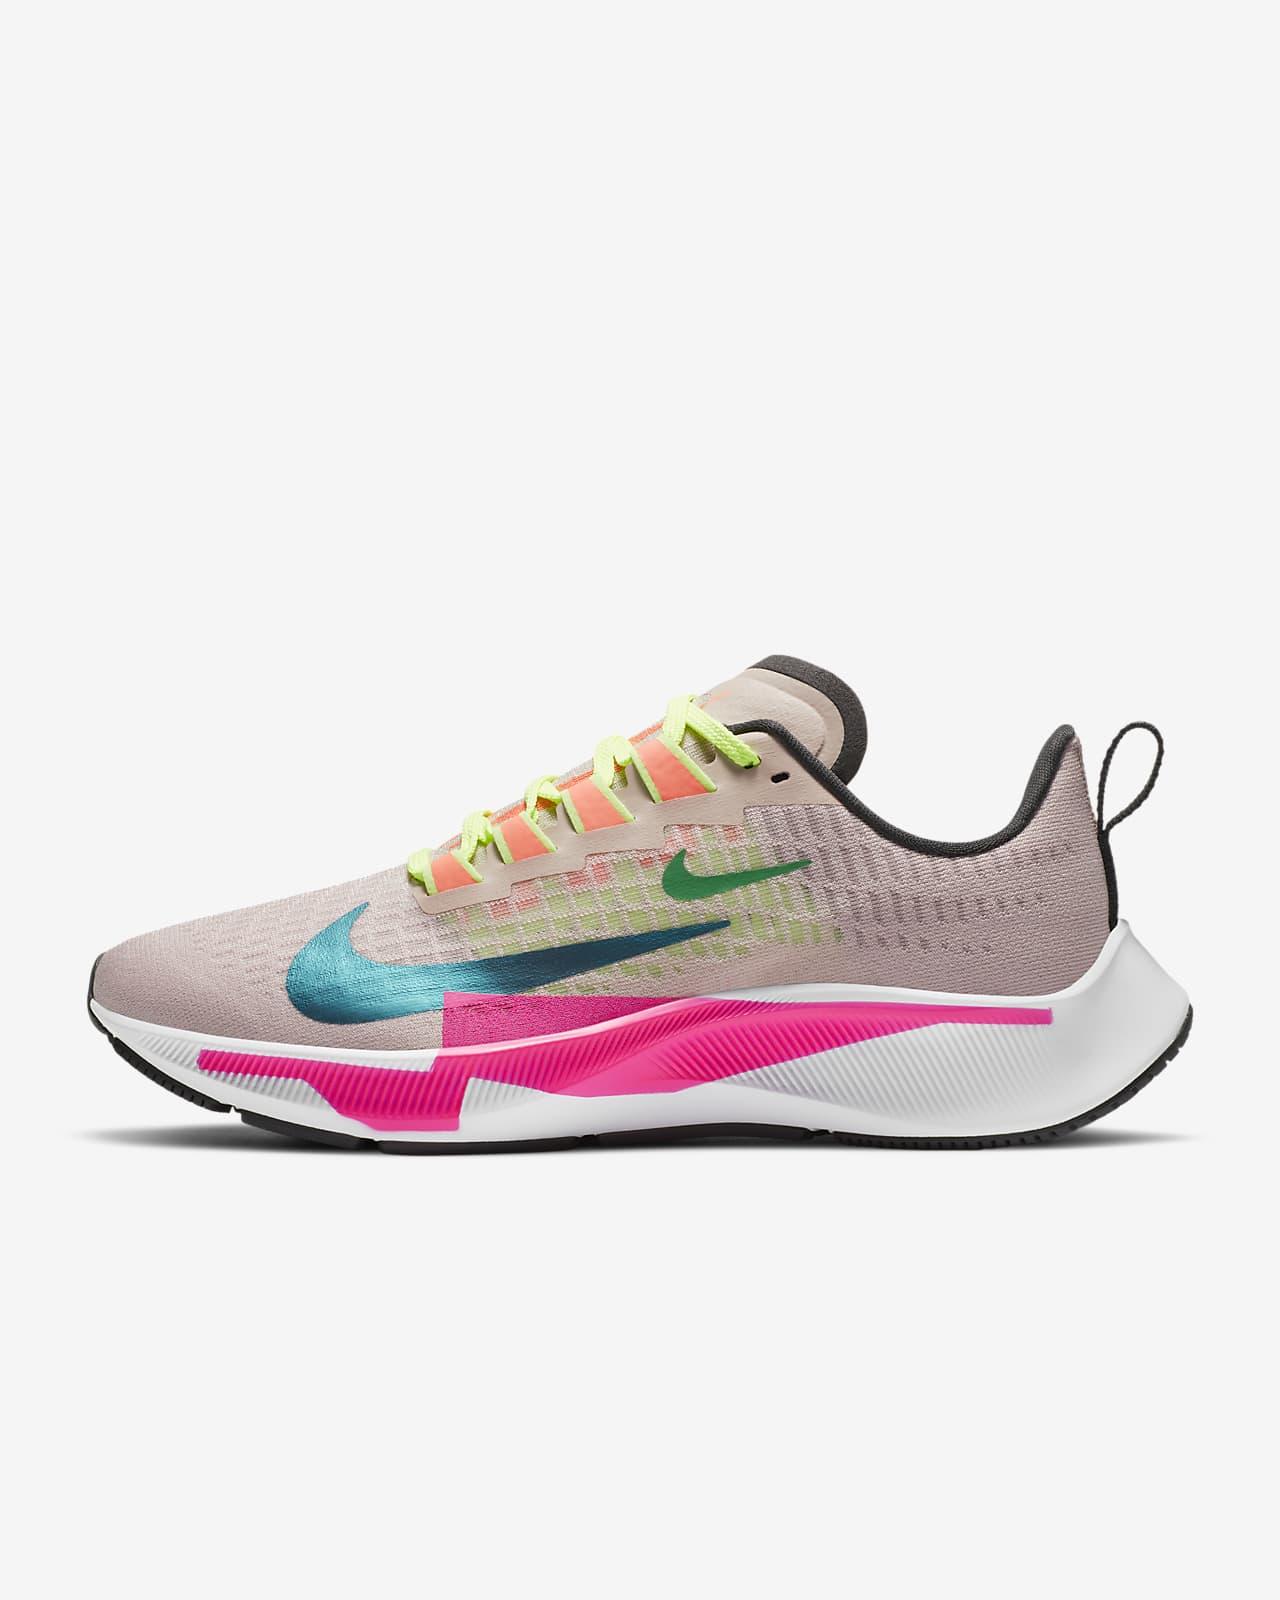 Nike Air Zoom Pegasus 37 Premium Hardloopschoen voor dames